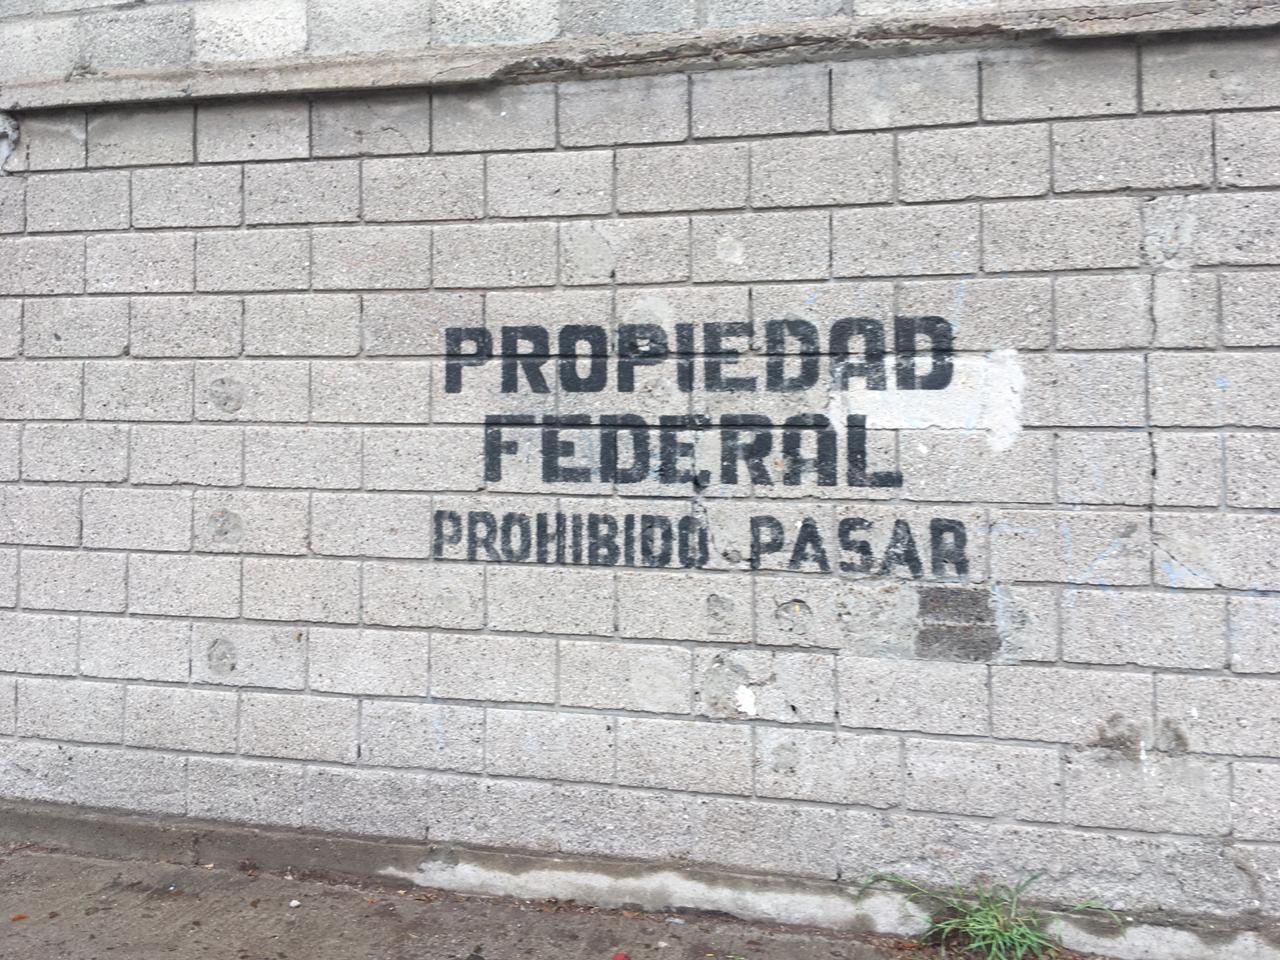 Propiedad Federal